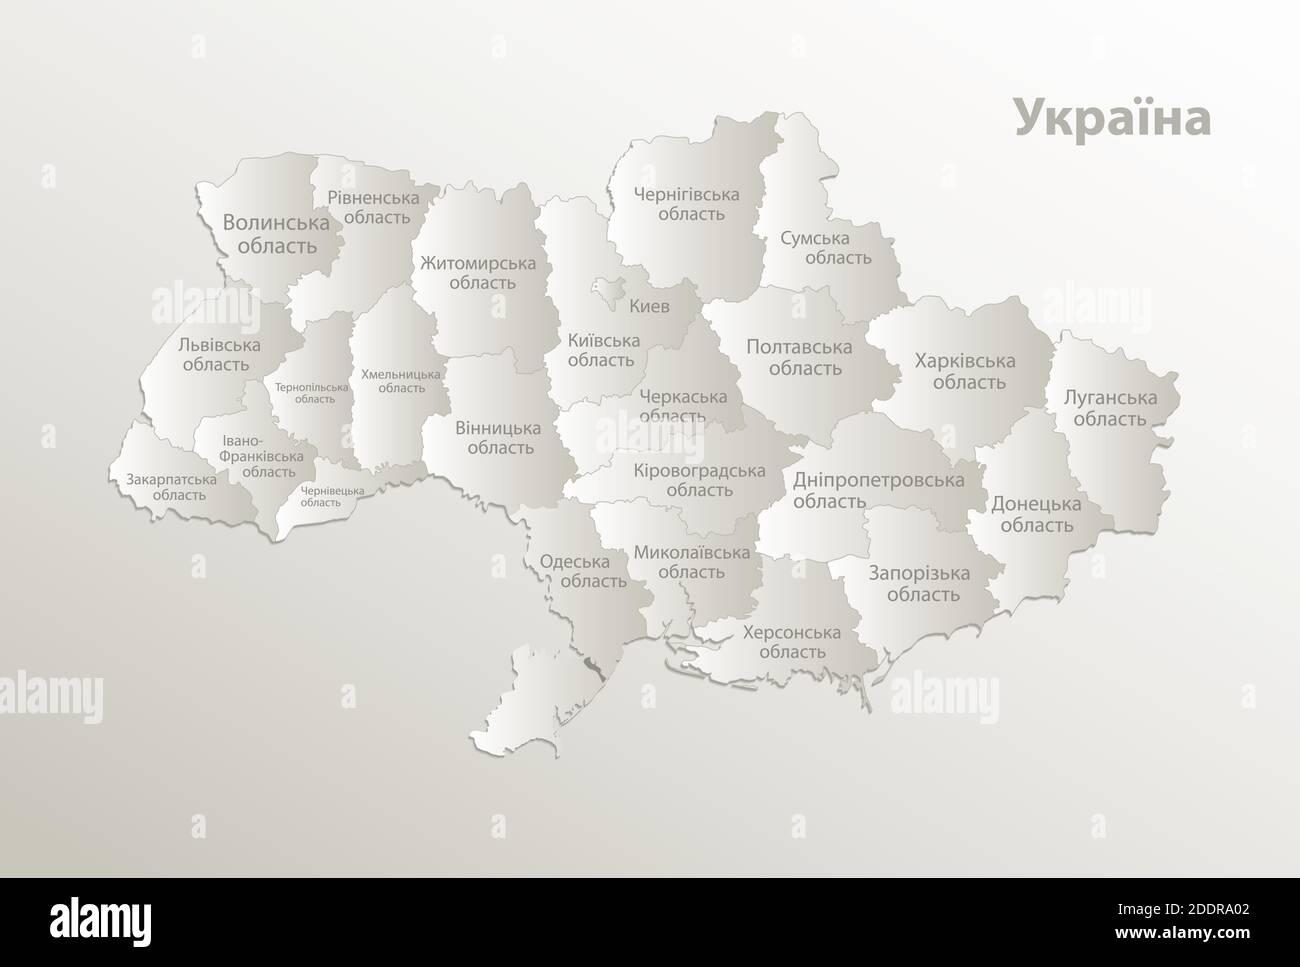 Mapa De Ucrania Nombres En Ucraniano De Regiones Individuales Escritos En Alfabeto Cirilico Divisiones Administrativas Que Separan Regiones 3d Natural P Imagen Vector De Stock Alamy